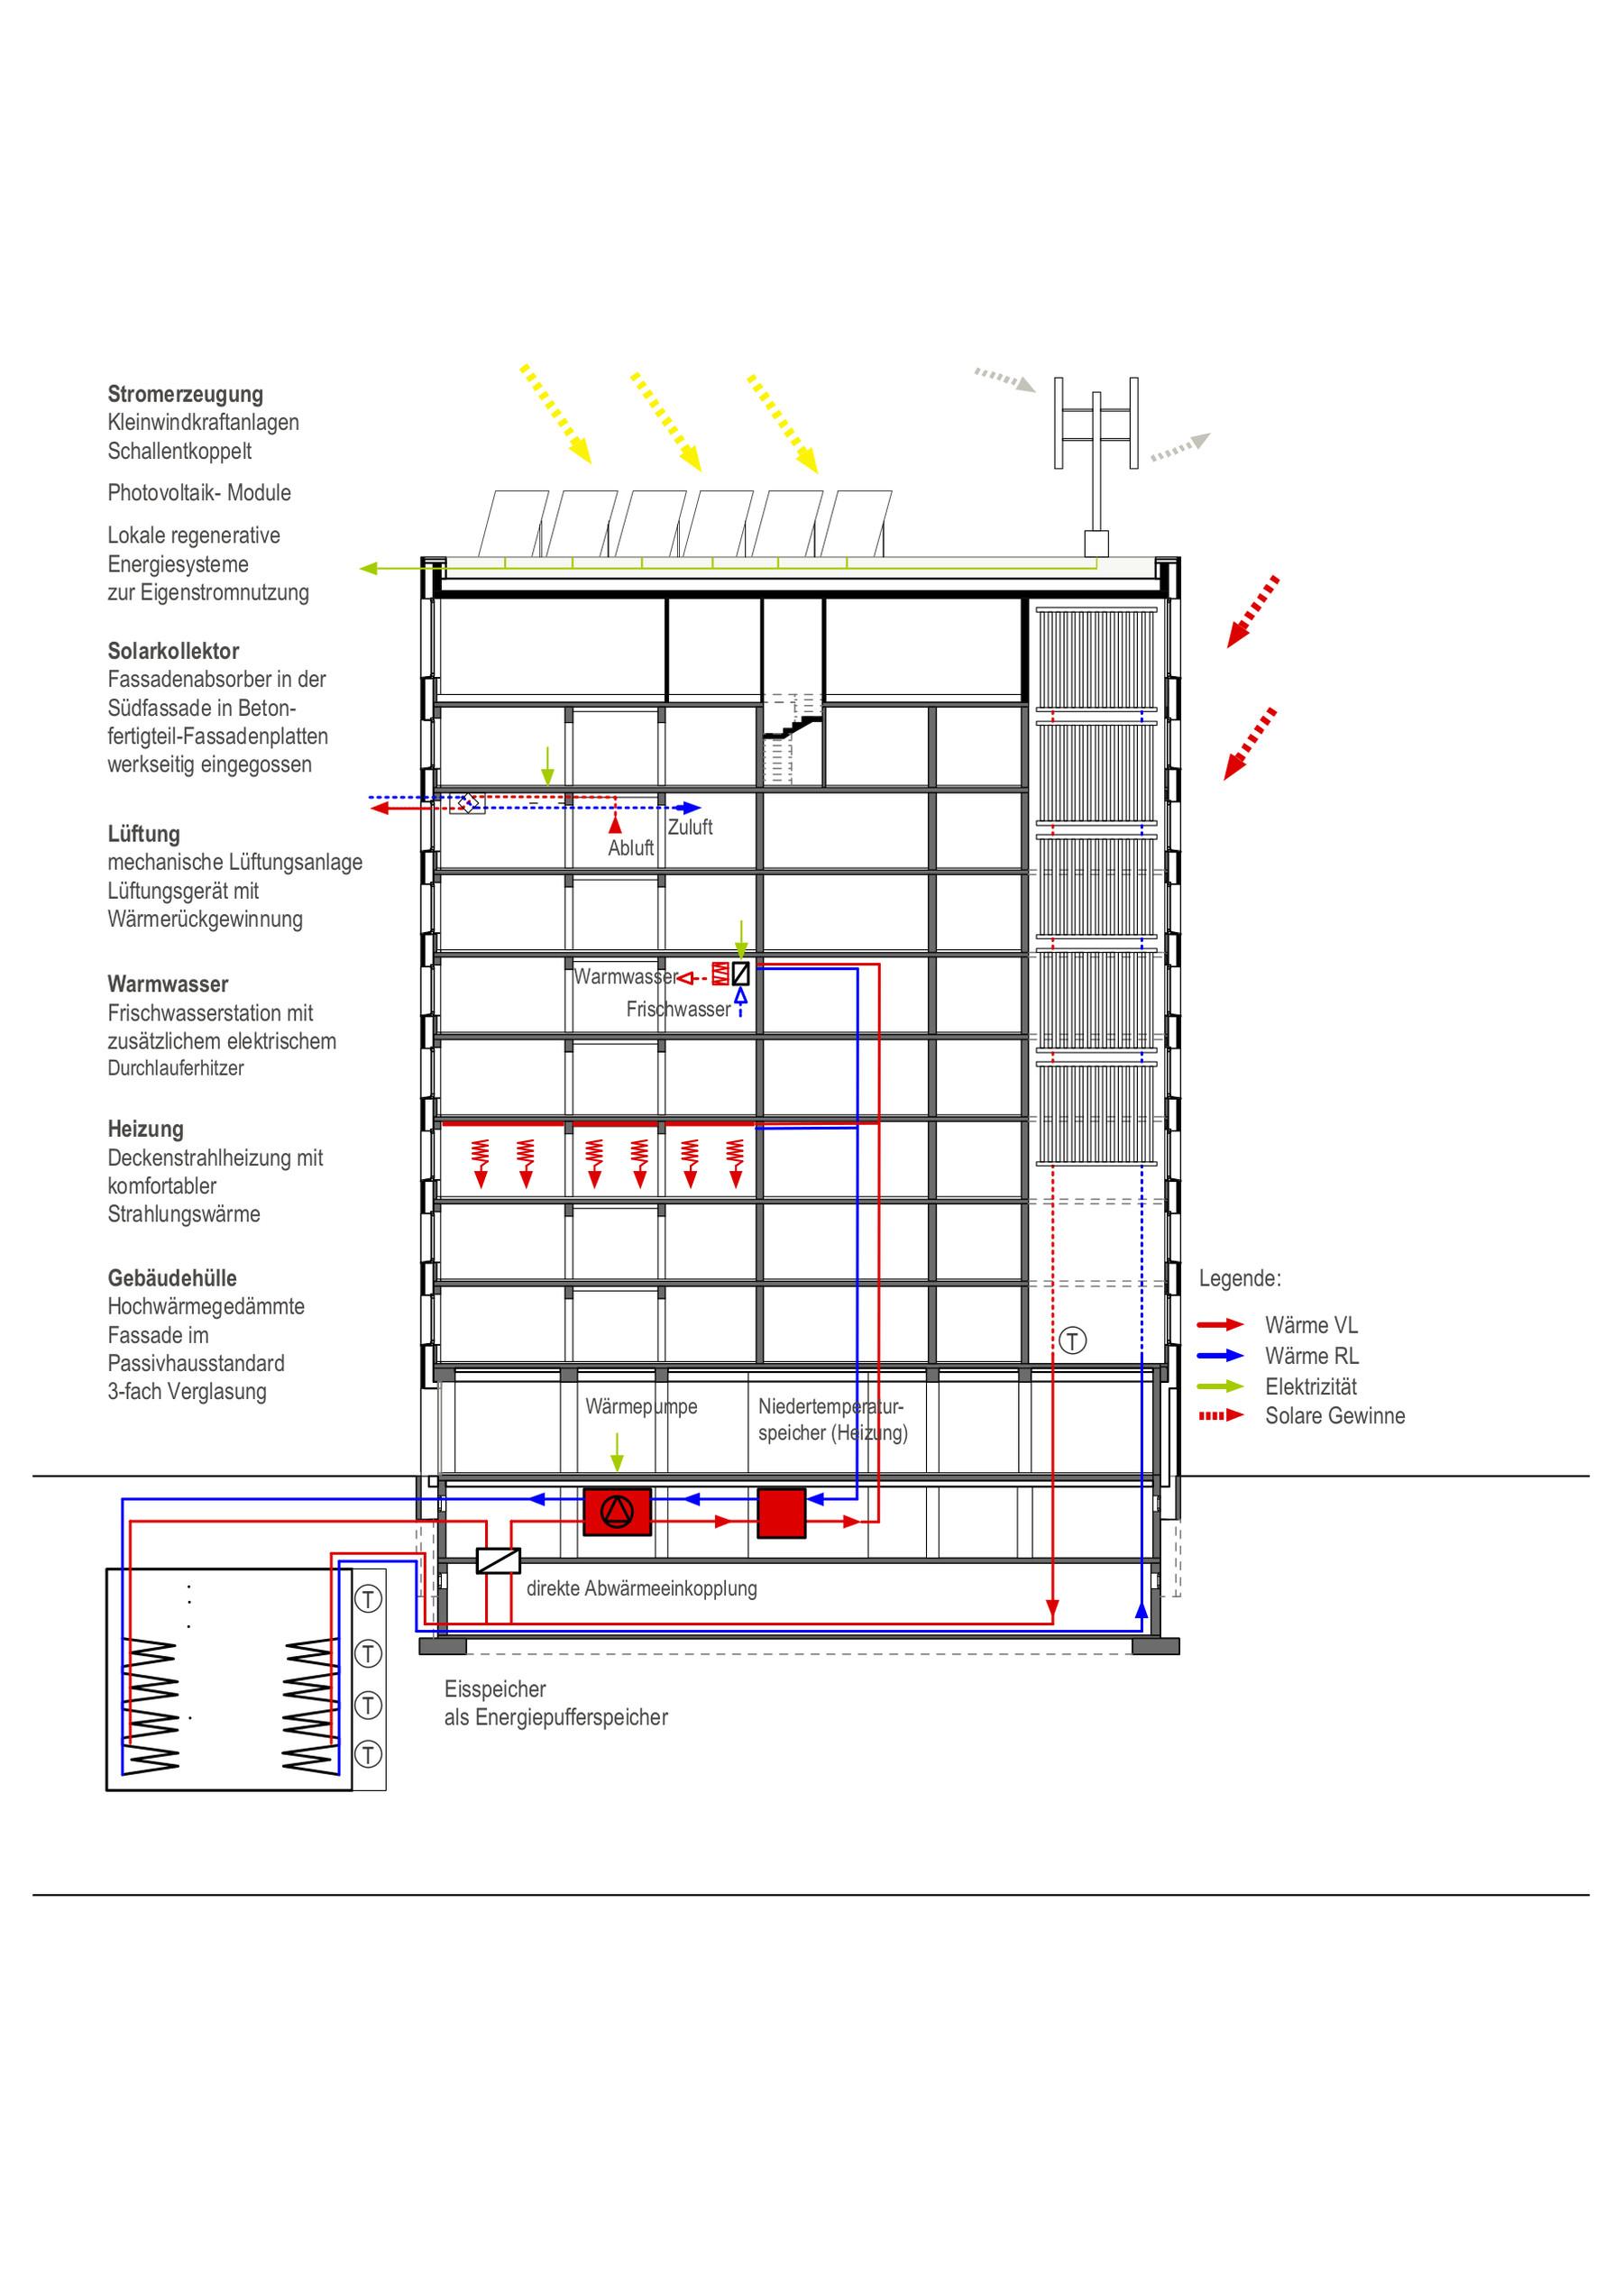 """""""Energieeffizienzhaus Pforzheim - Energieschema (Freivogel-Architekten, Ludwigsburg, Energiekonzept: Transsolar Energietechnik GmbH, Stuttgart)"""""""